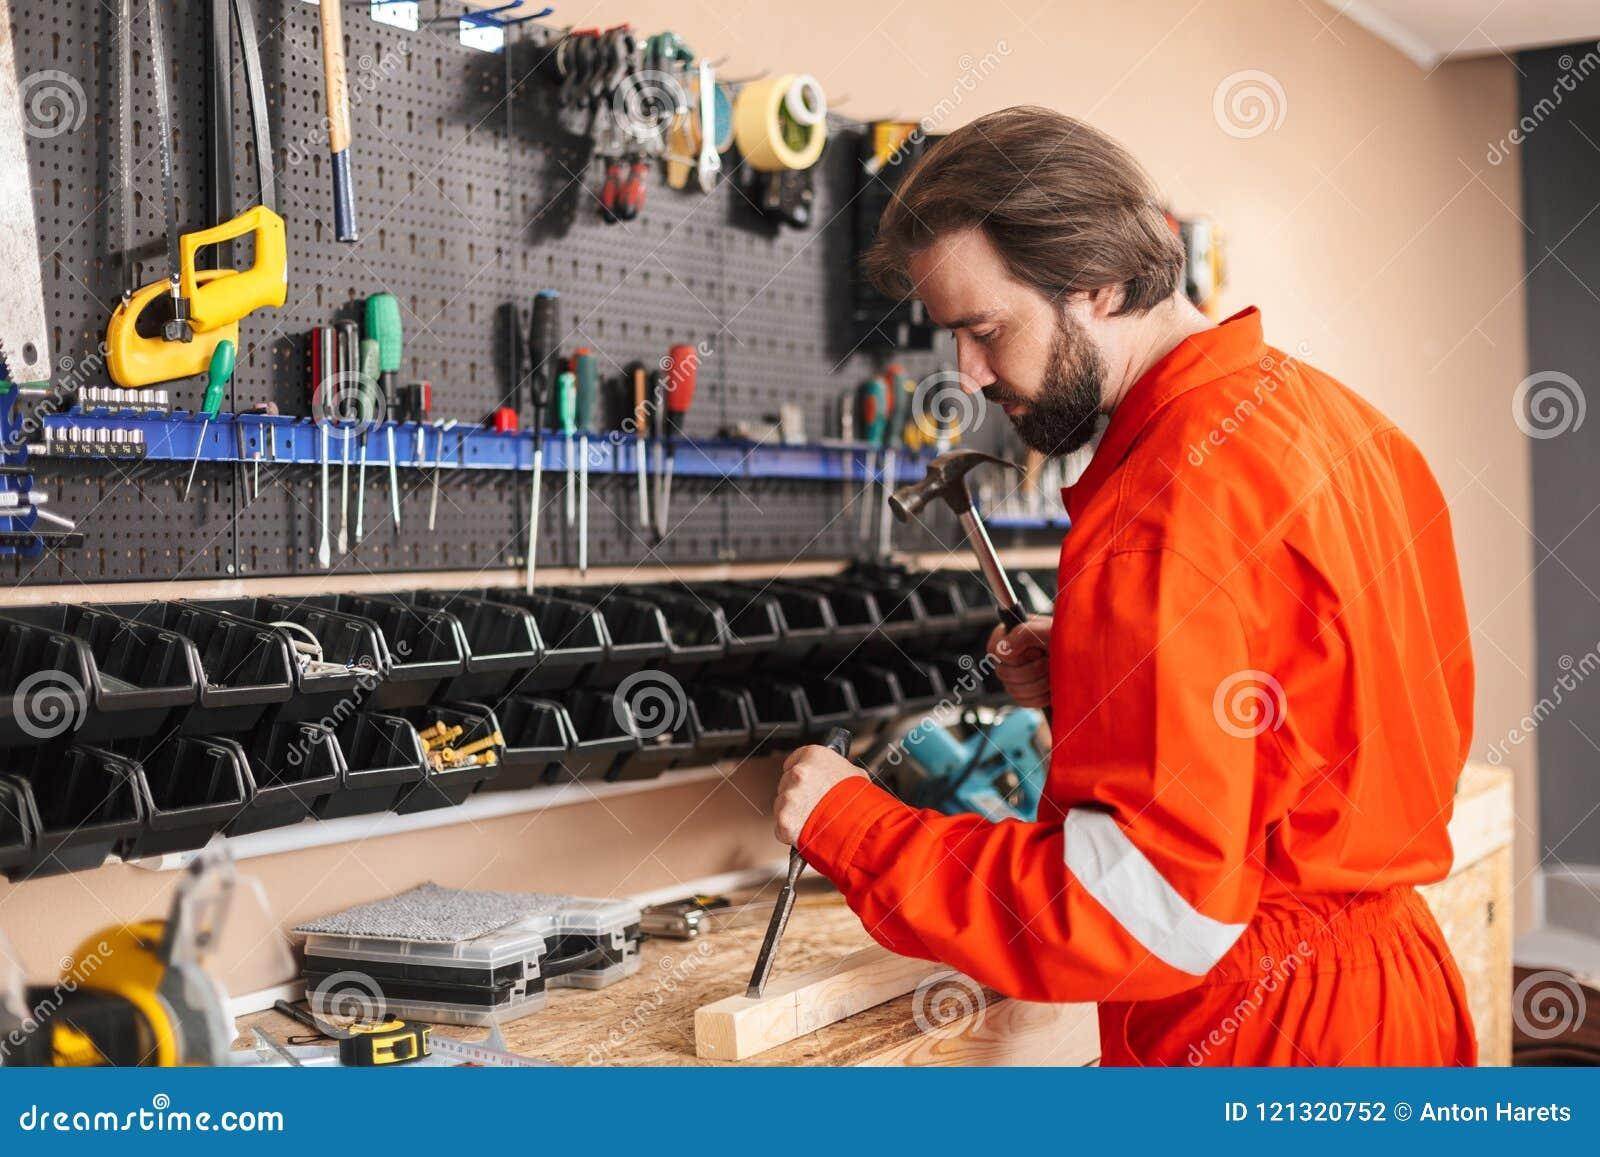 ba63e7a8086 Constructor en ropa de trabajo anaranjada usando el martillo con el soporte  de diversas herramientas cerca en taller